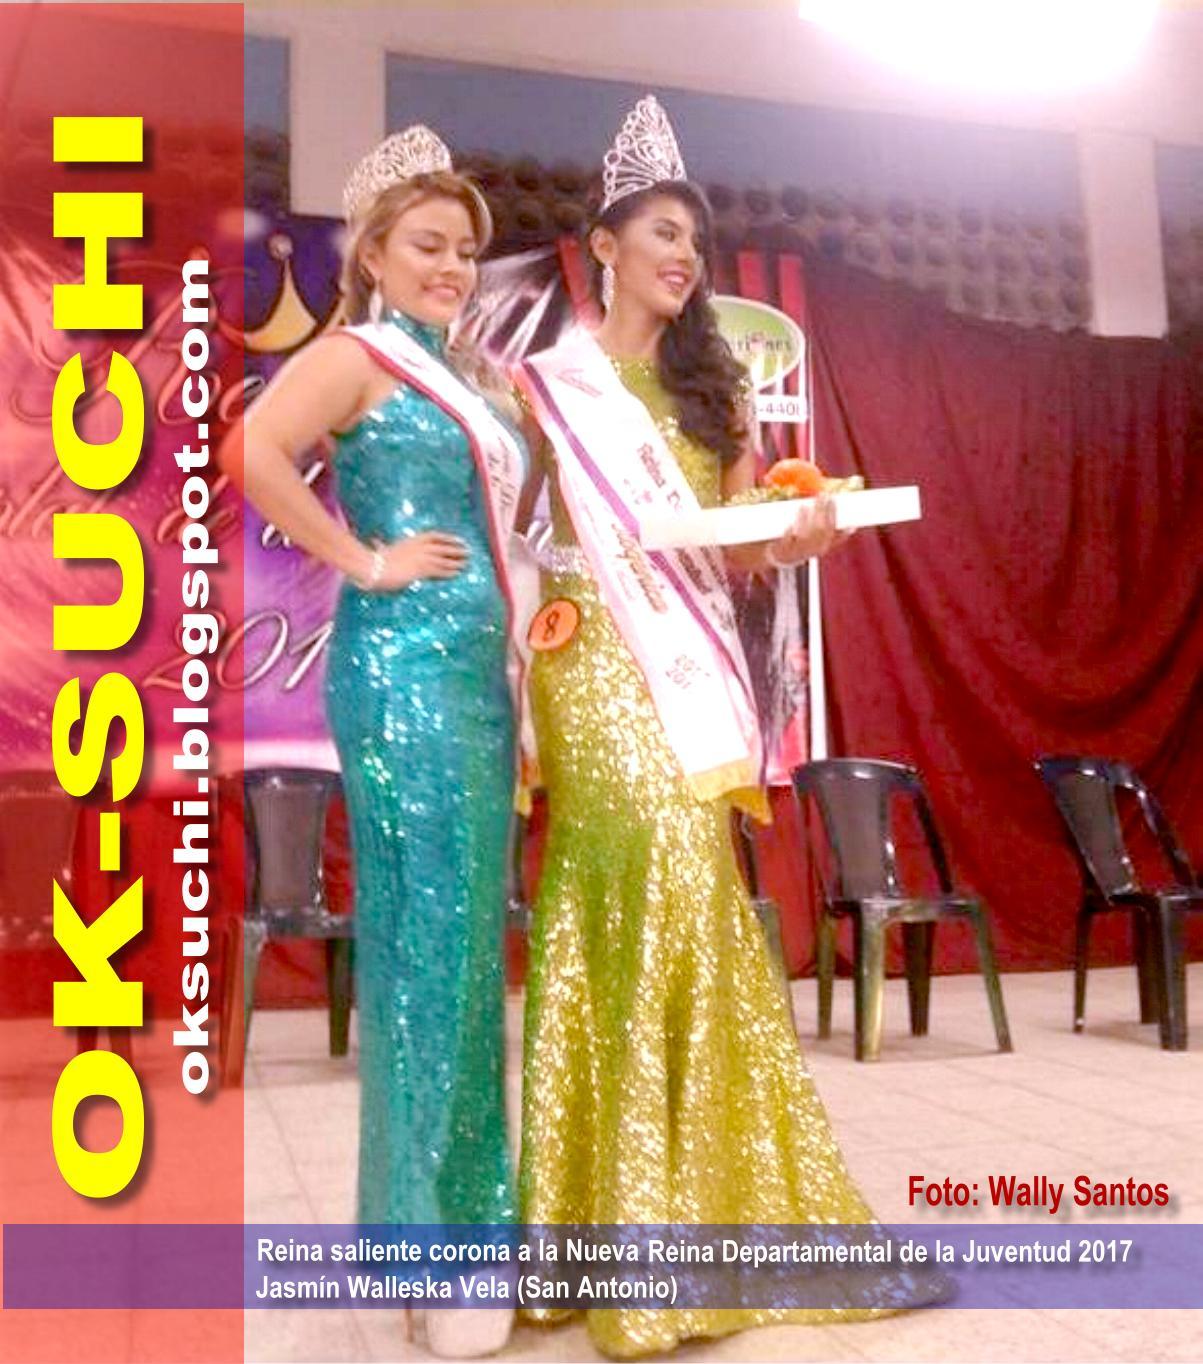 Eligen Nueva Reina de la Juventud 2017